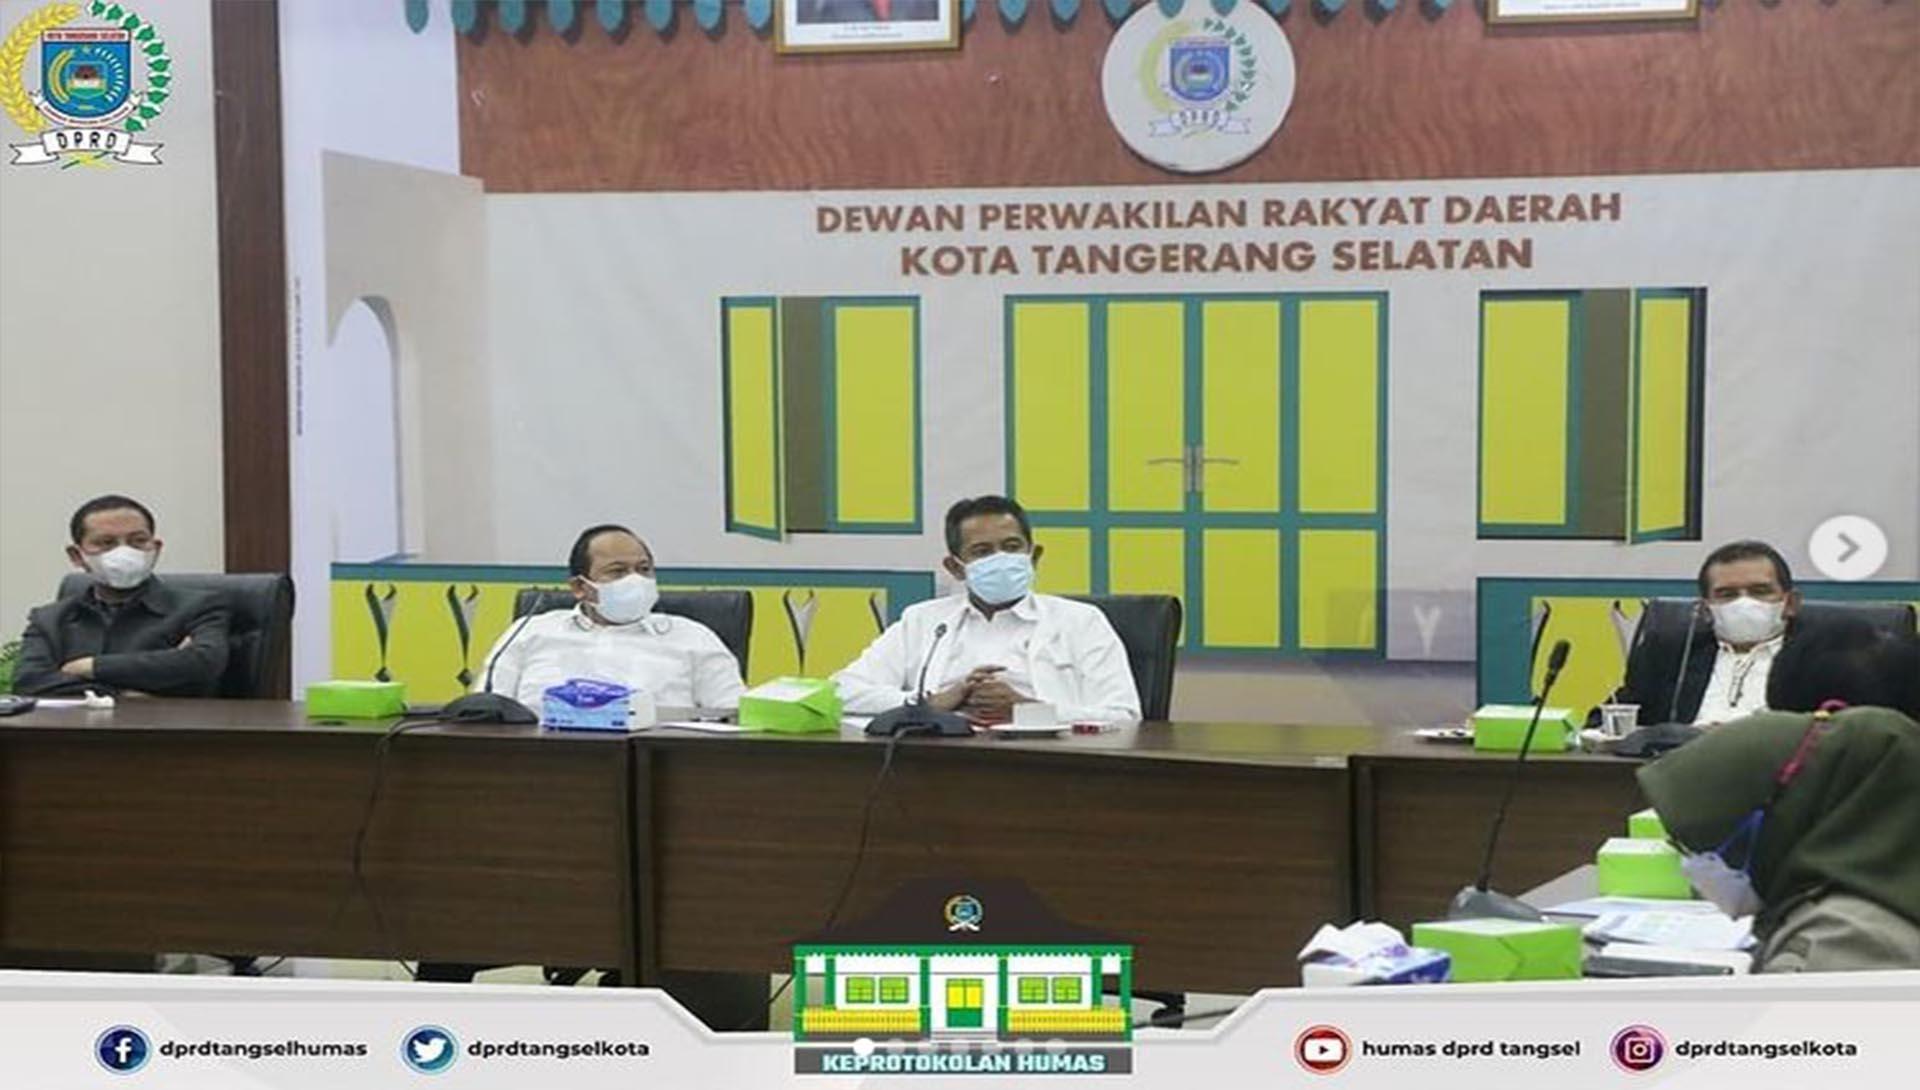 Rapat Dengar Pendapat DPRD bersama BPN dan Camat